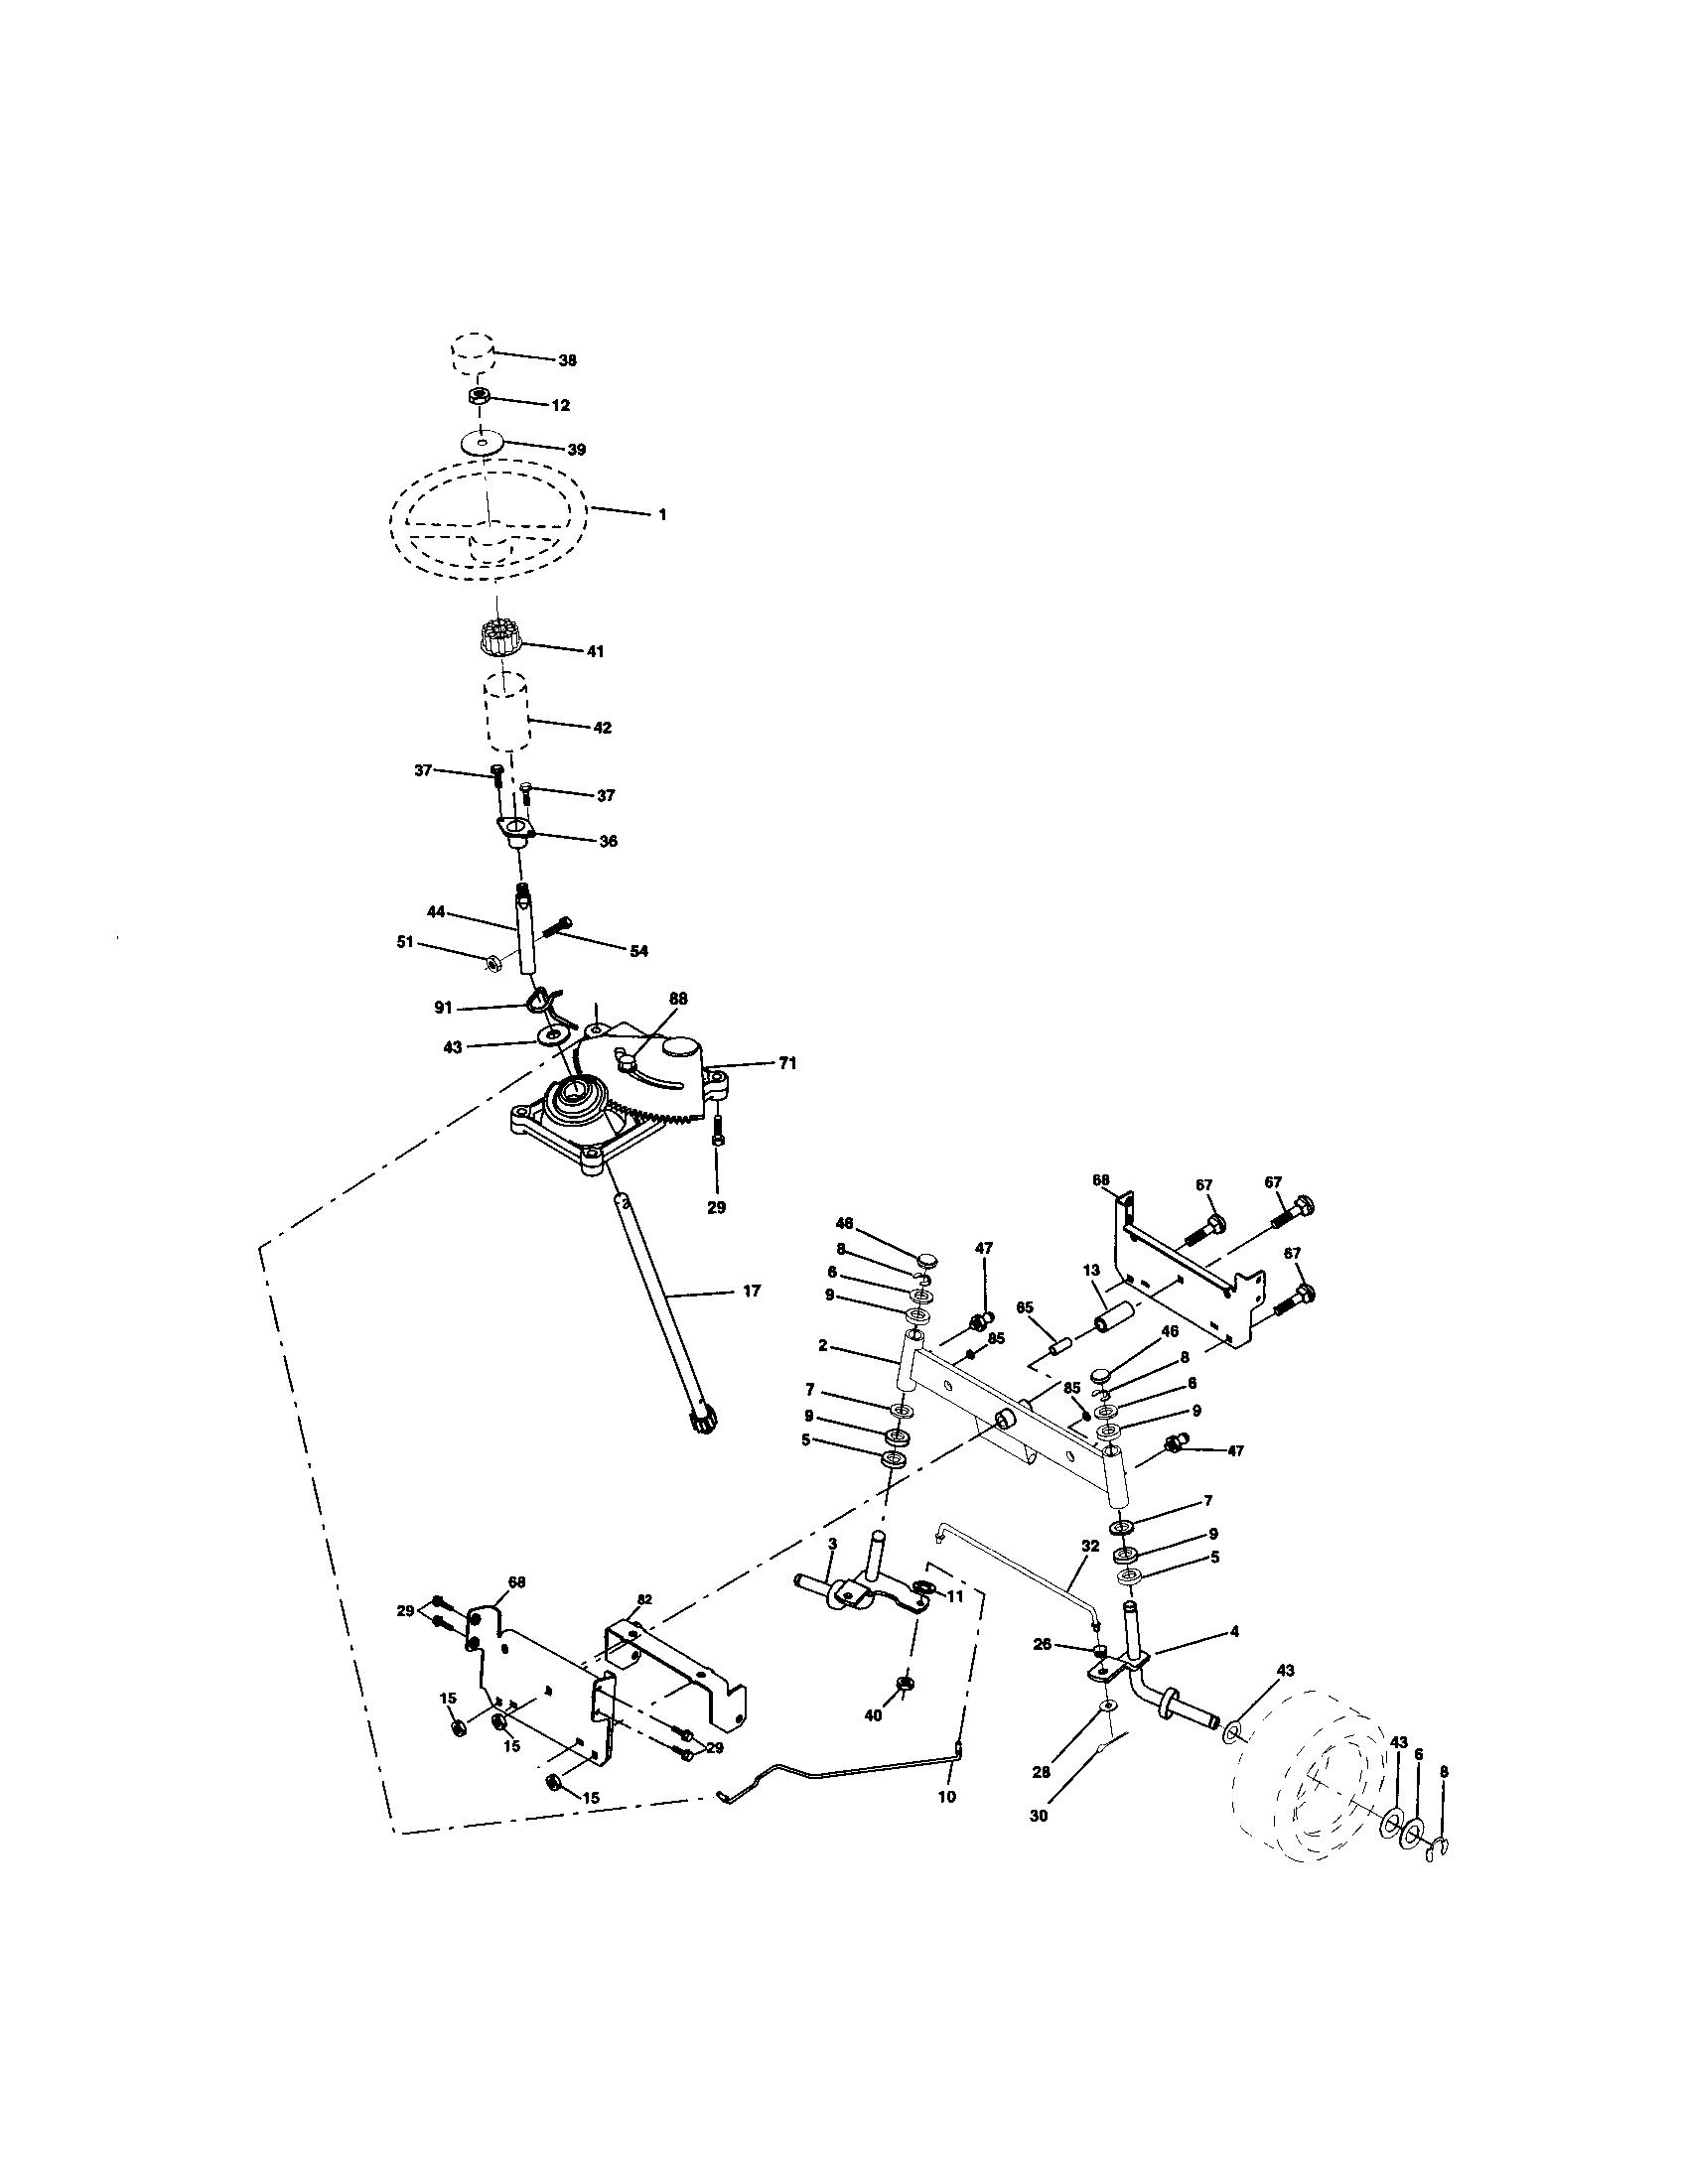 Fender Scn Pickup Wiring Diagram S1 Sss Jeff Strat Diagrams Schematics On